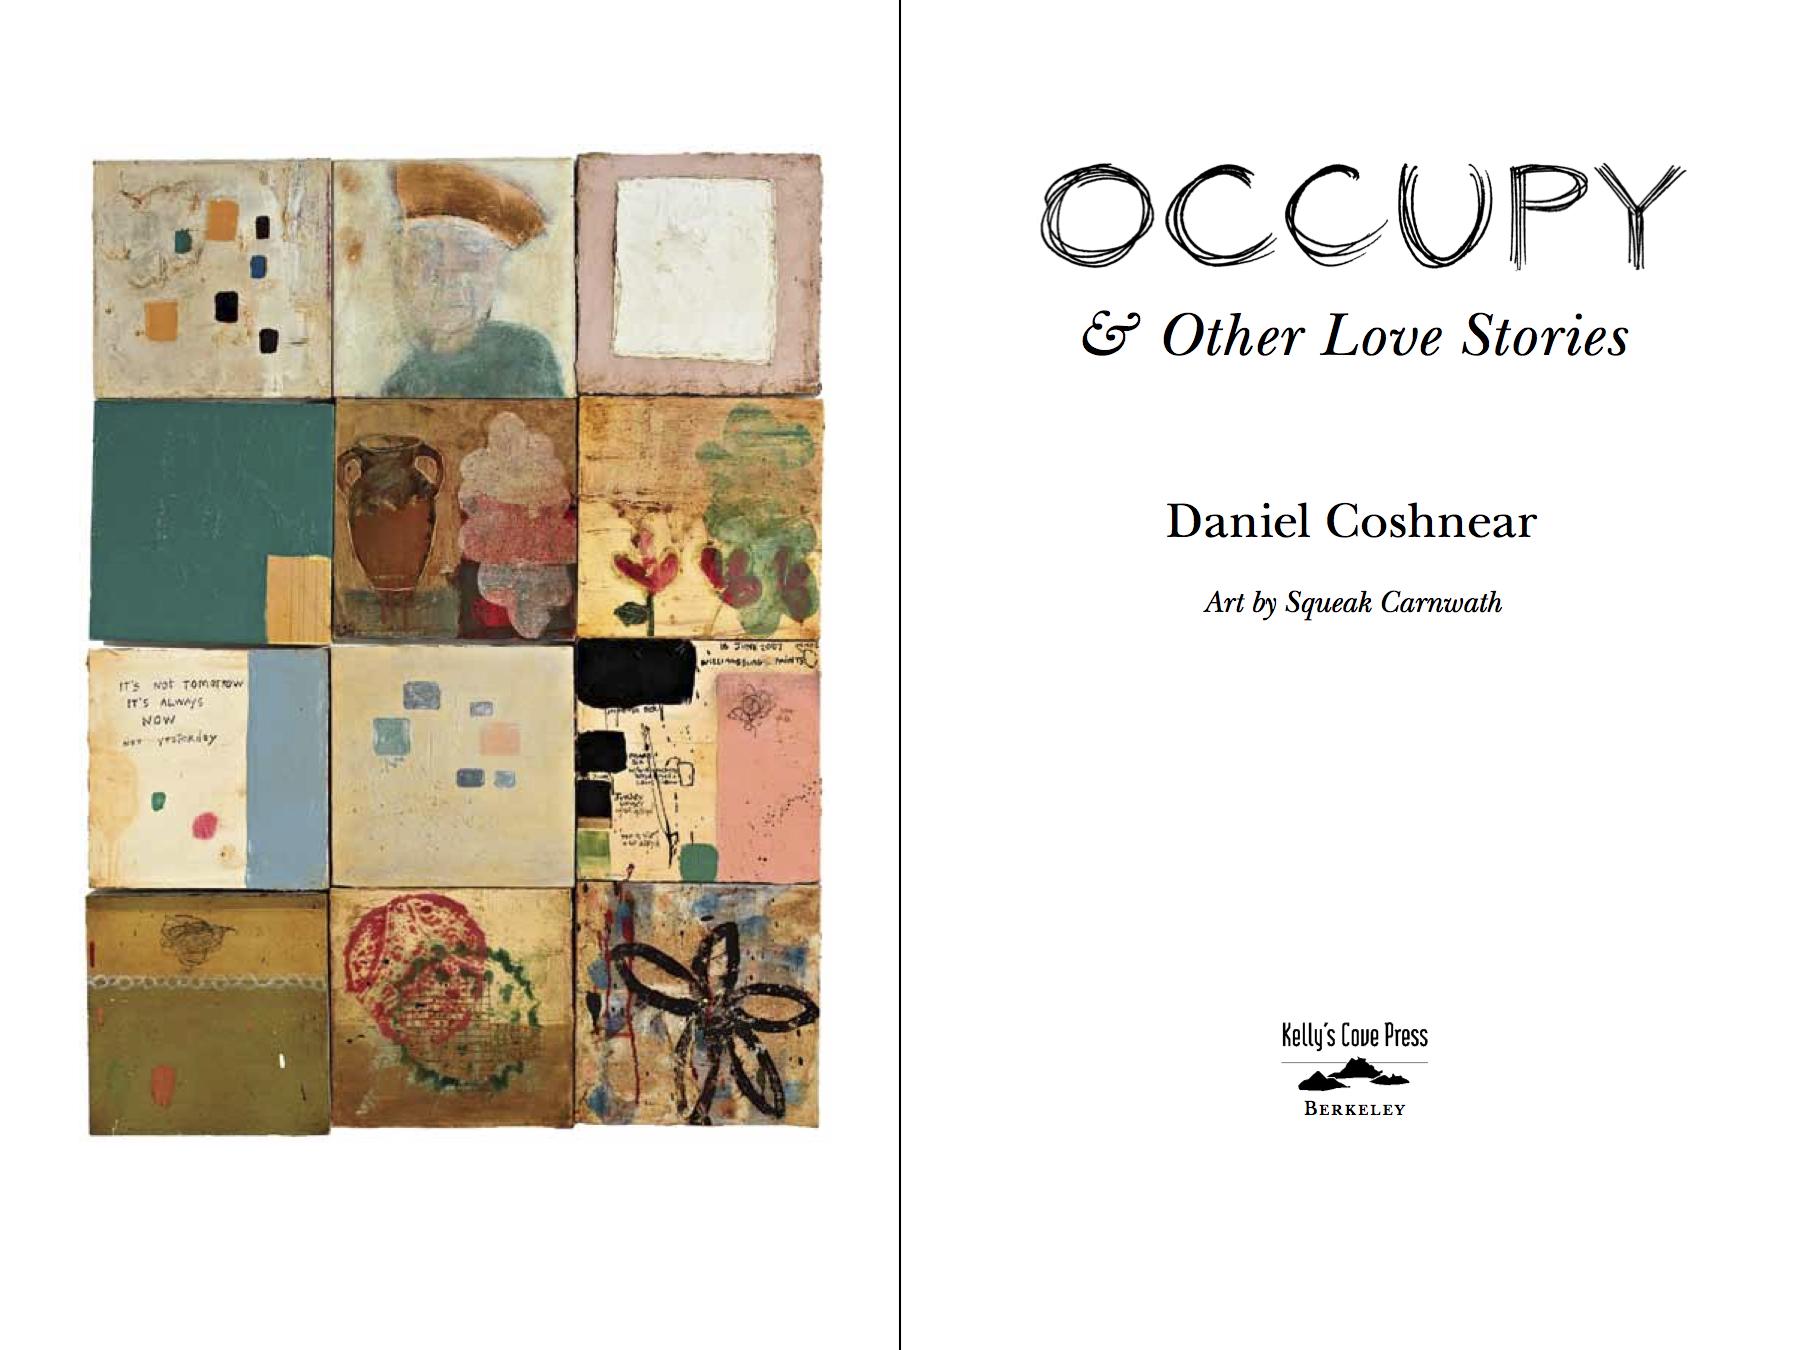 OCCUPY Title spread